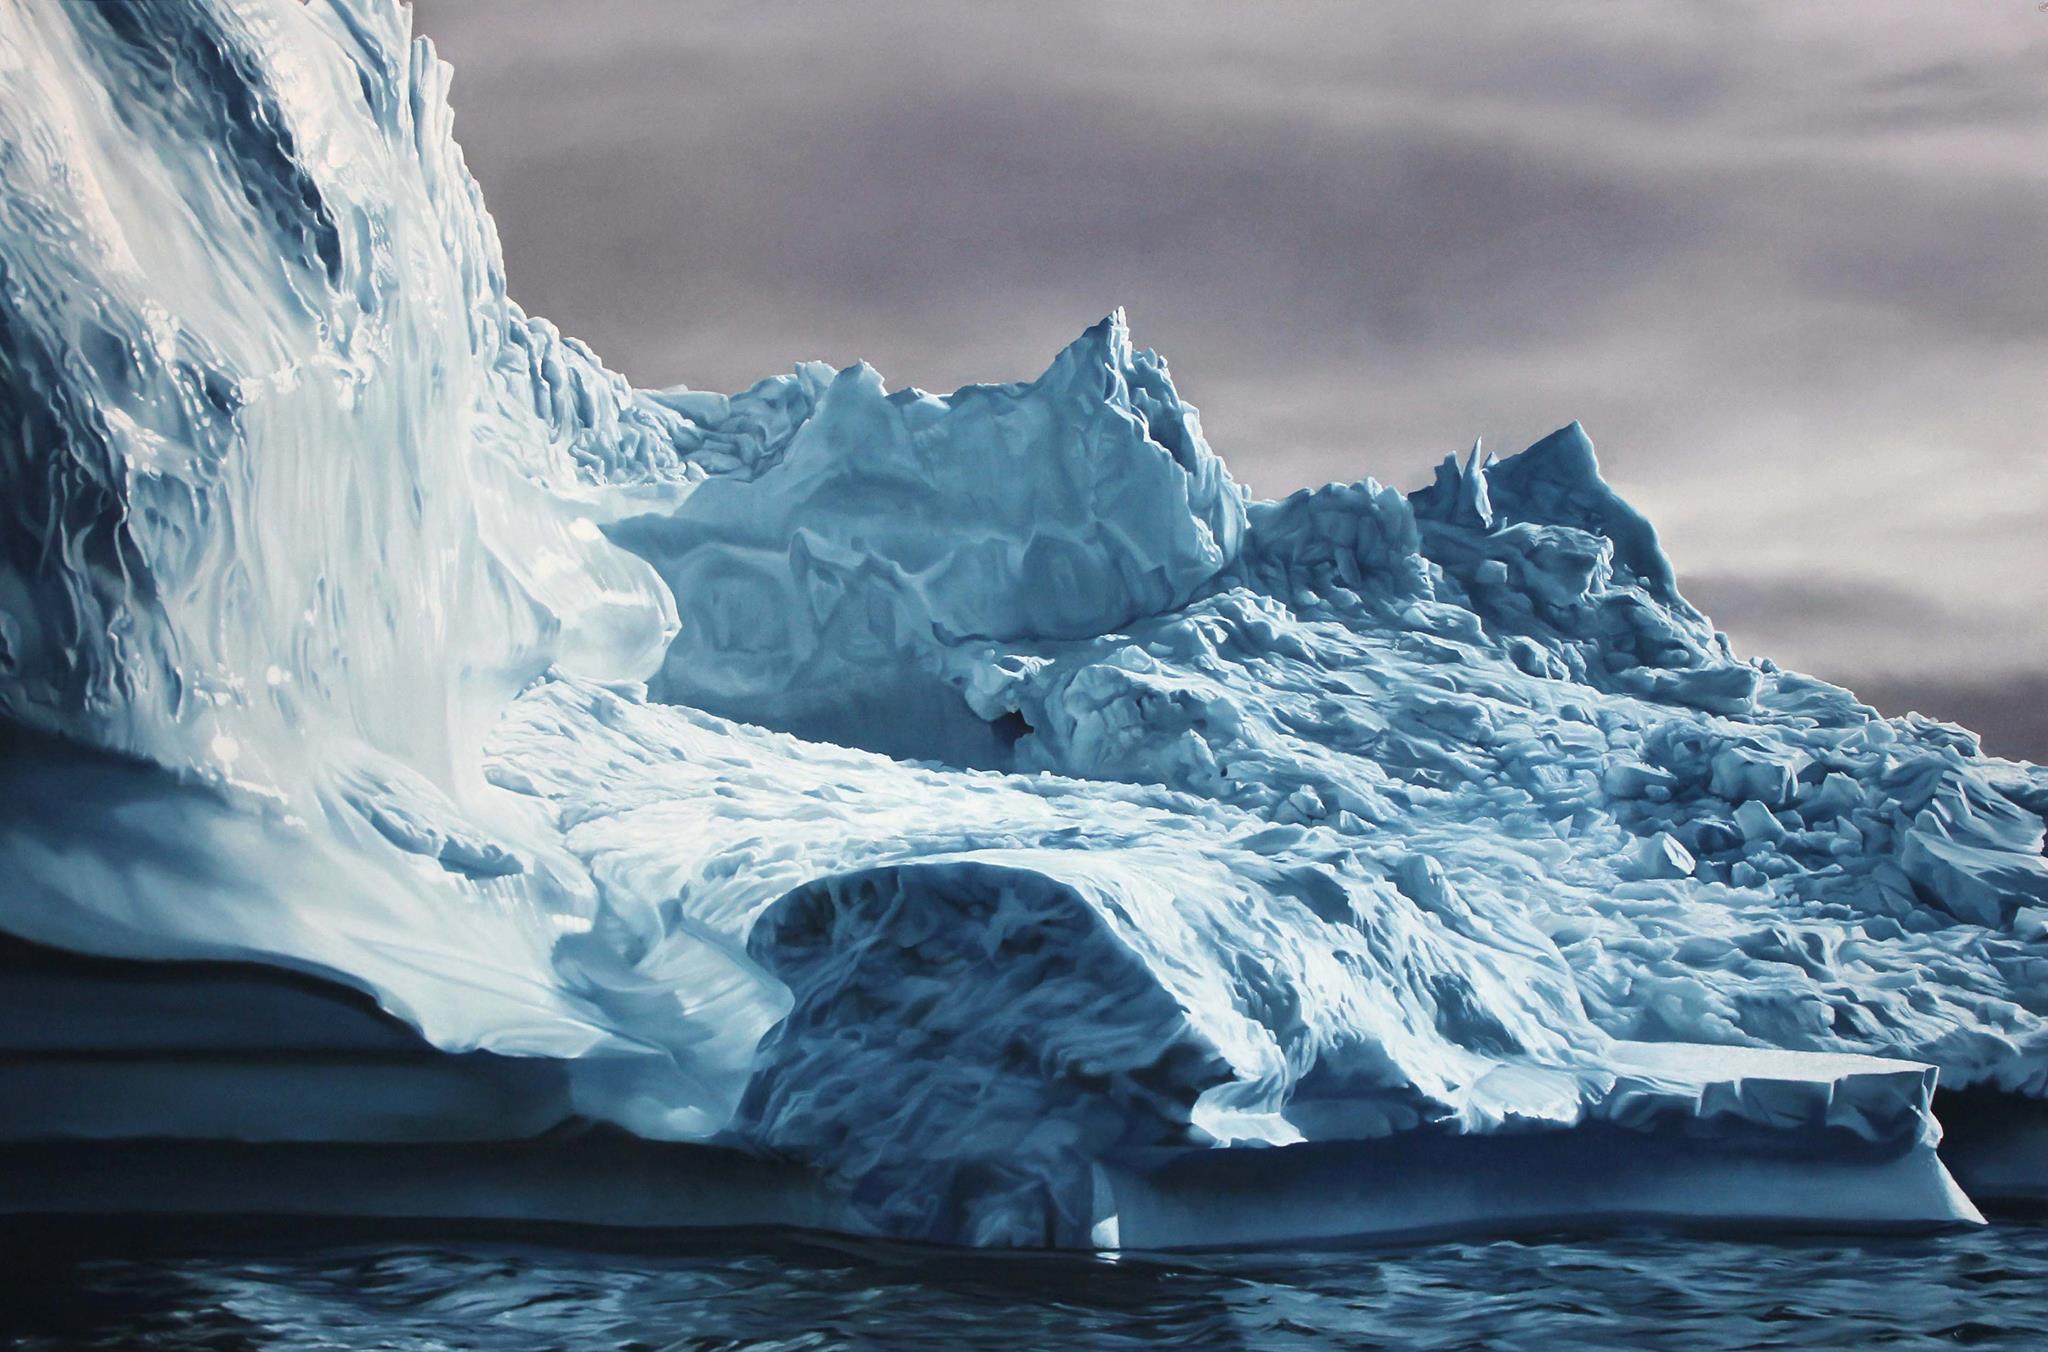 zaria-forman-ice